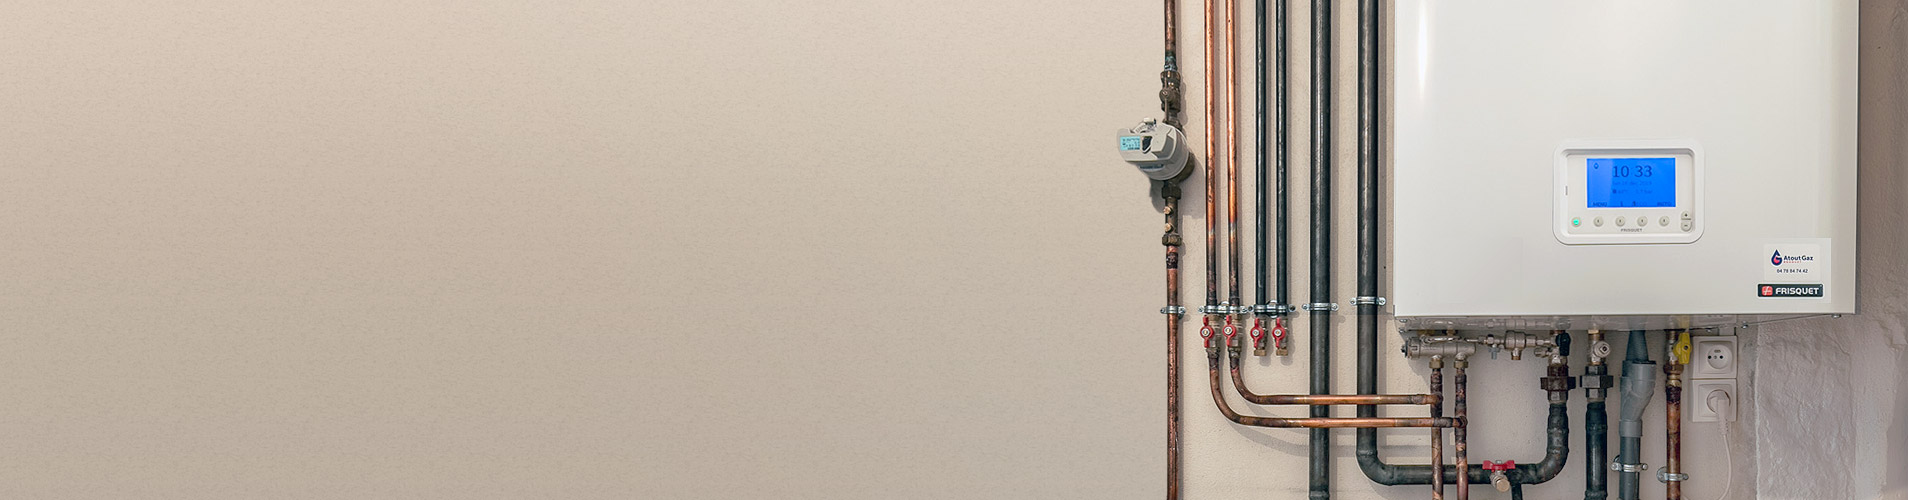 La chaudière à condensation est un équipement que peut installaer un plombier-chauffagiste